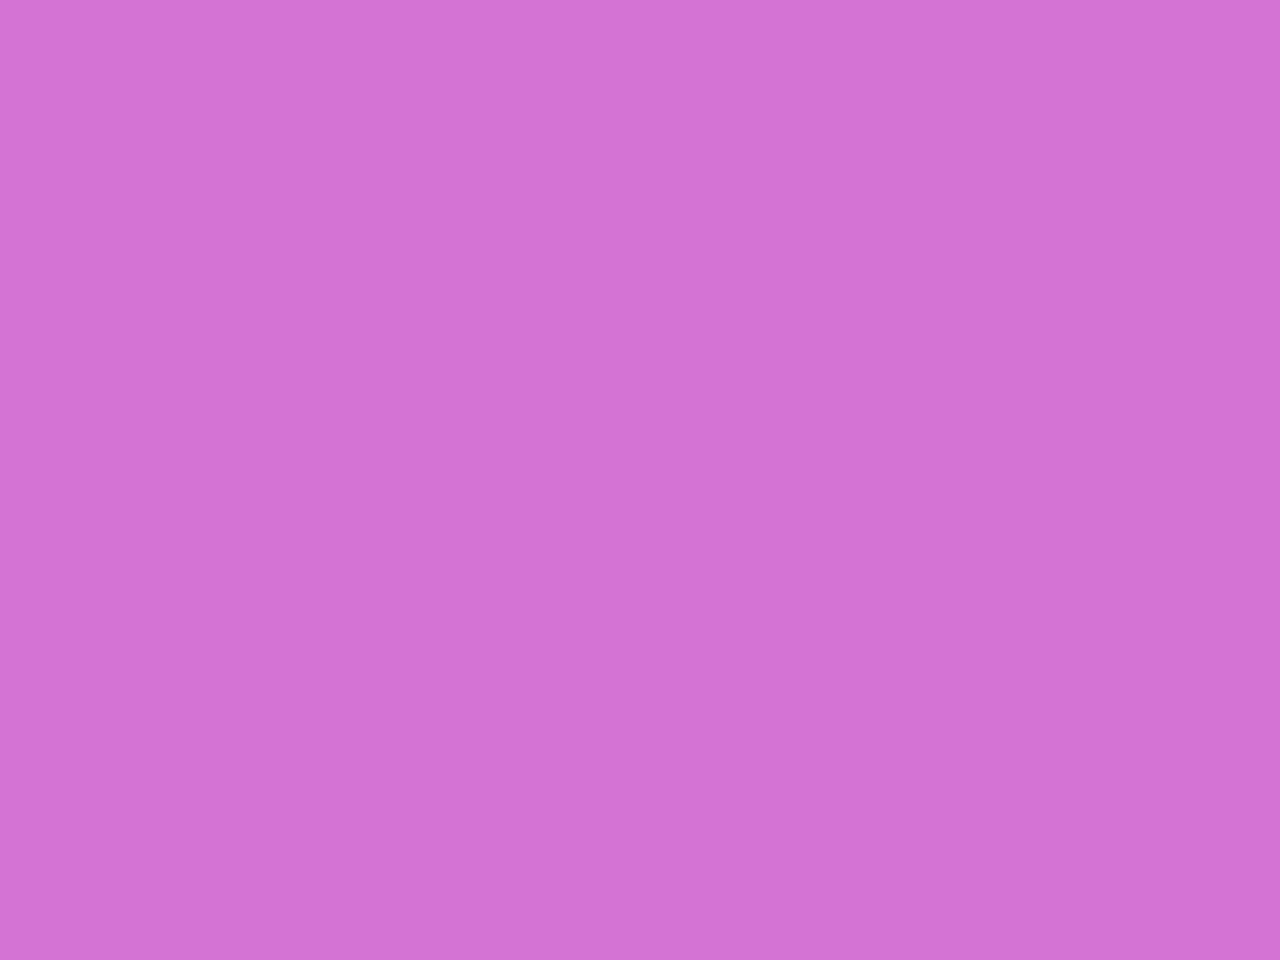 1280x960 Deep Mauve Solid Color Background